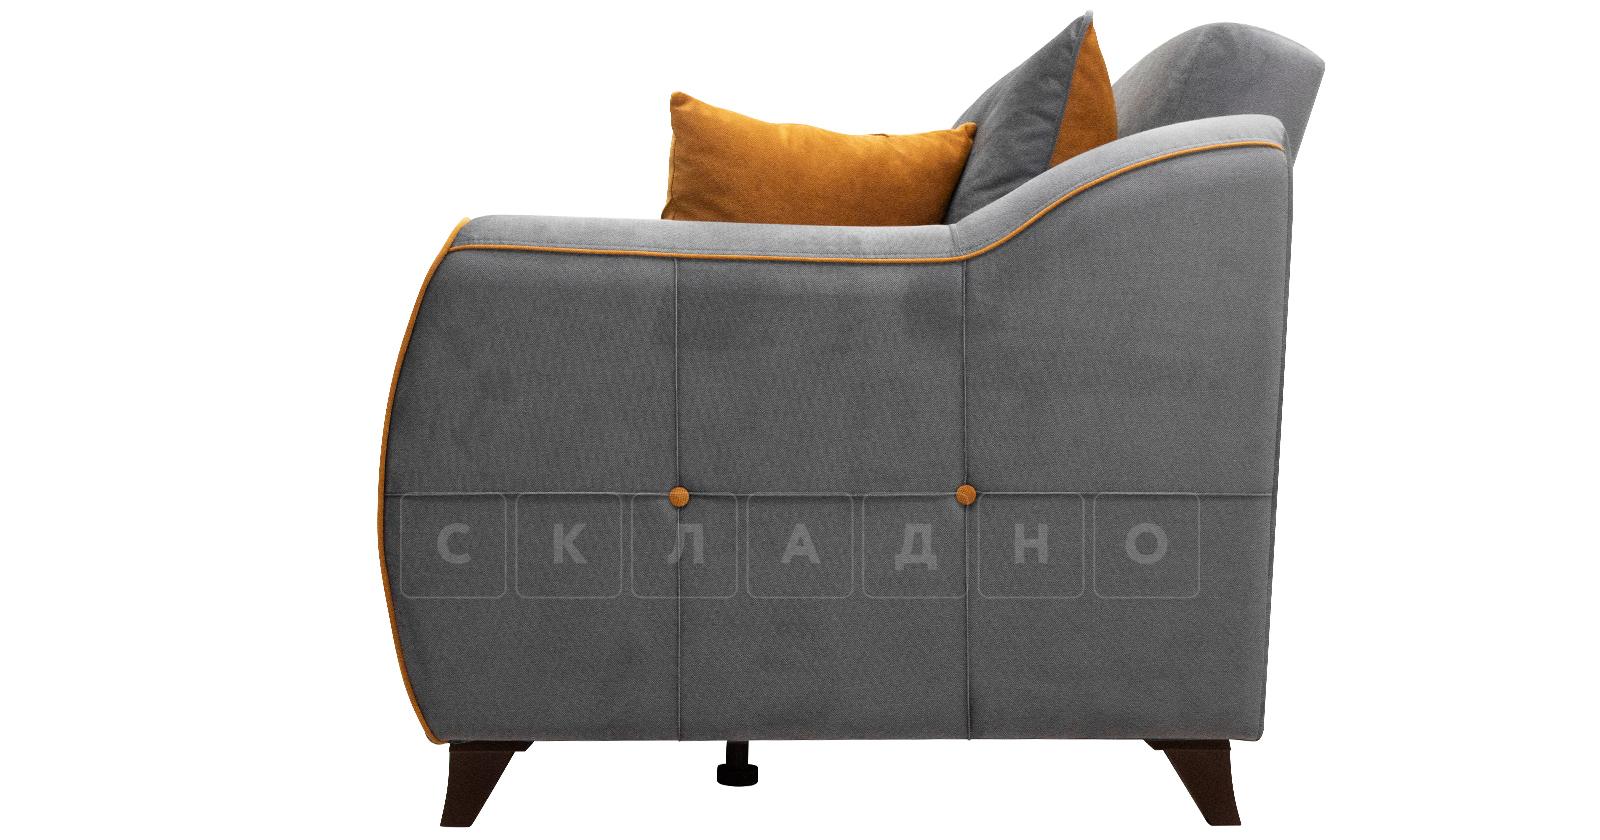 Диван-кровать Флэтфорд кварцевый серый фото 5 | интернет-магазин Складно